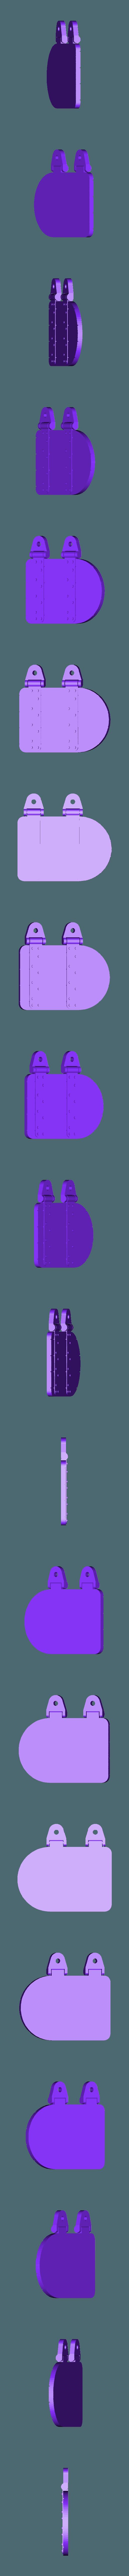 door.stl Download free STL file Castle door • 3D printing template, MakeItWork